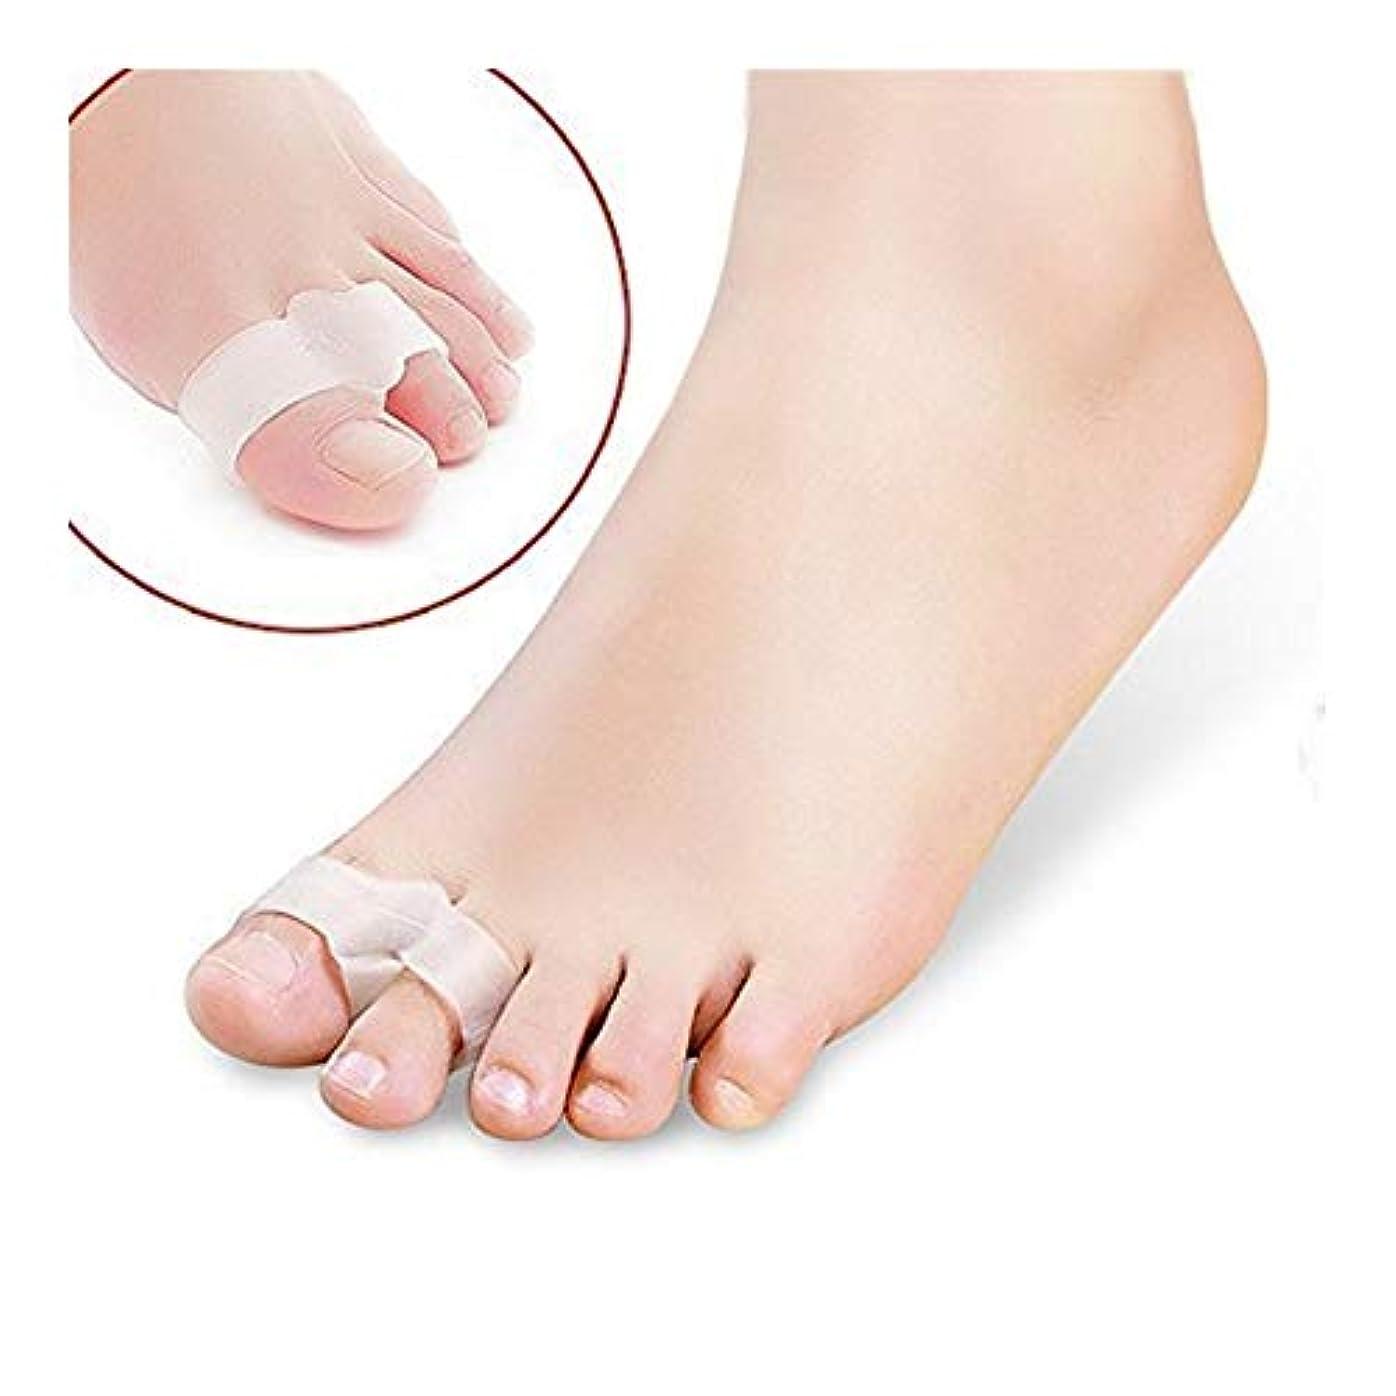 救出単にリス外反母趾サポーター 親指矯正グッズ 厚型ジェルパッド 足指を広げる 痛み改善 快適歩行 靴下履ける 高品質シリコン制 伸縮性 通気性 男女兼用 [1組] おしゃれ 人気